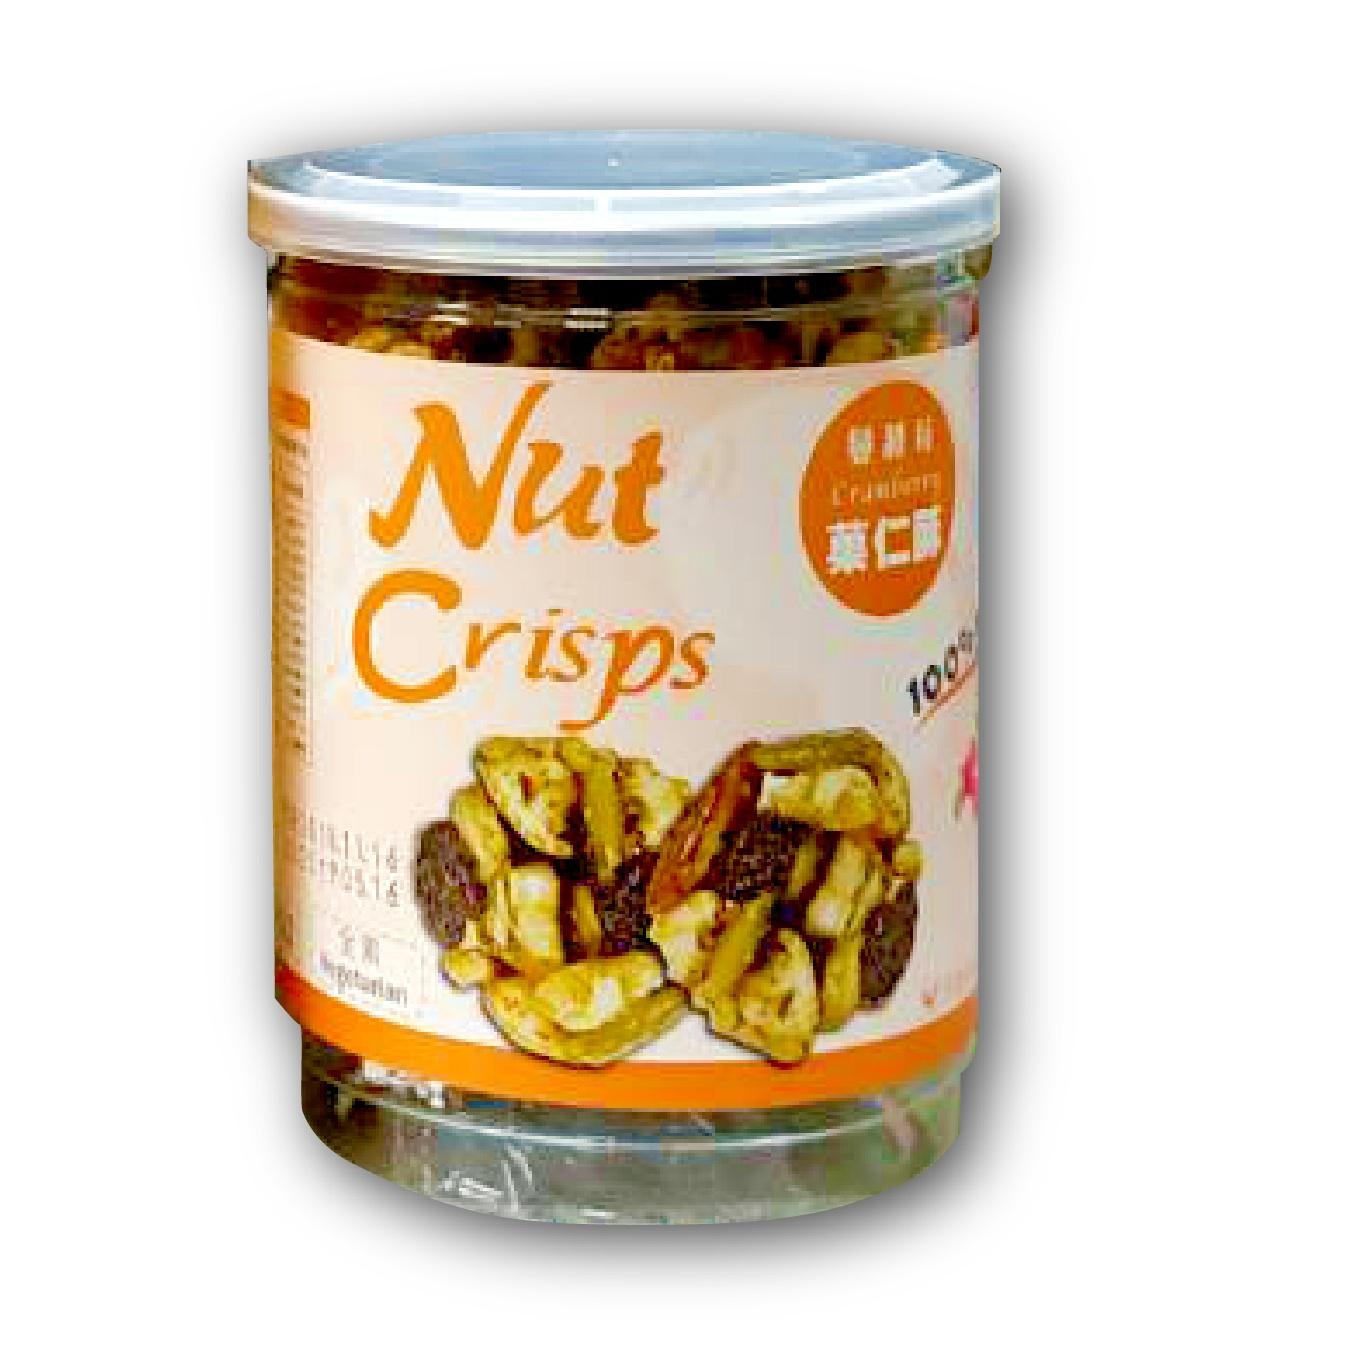 NUT CRISPS (CRANBERRY) 140G